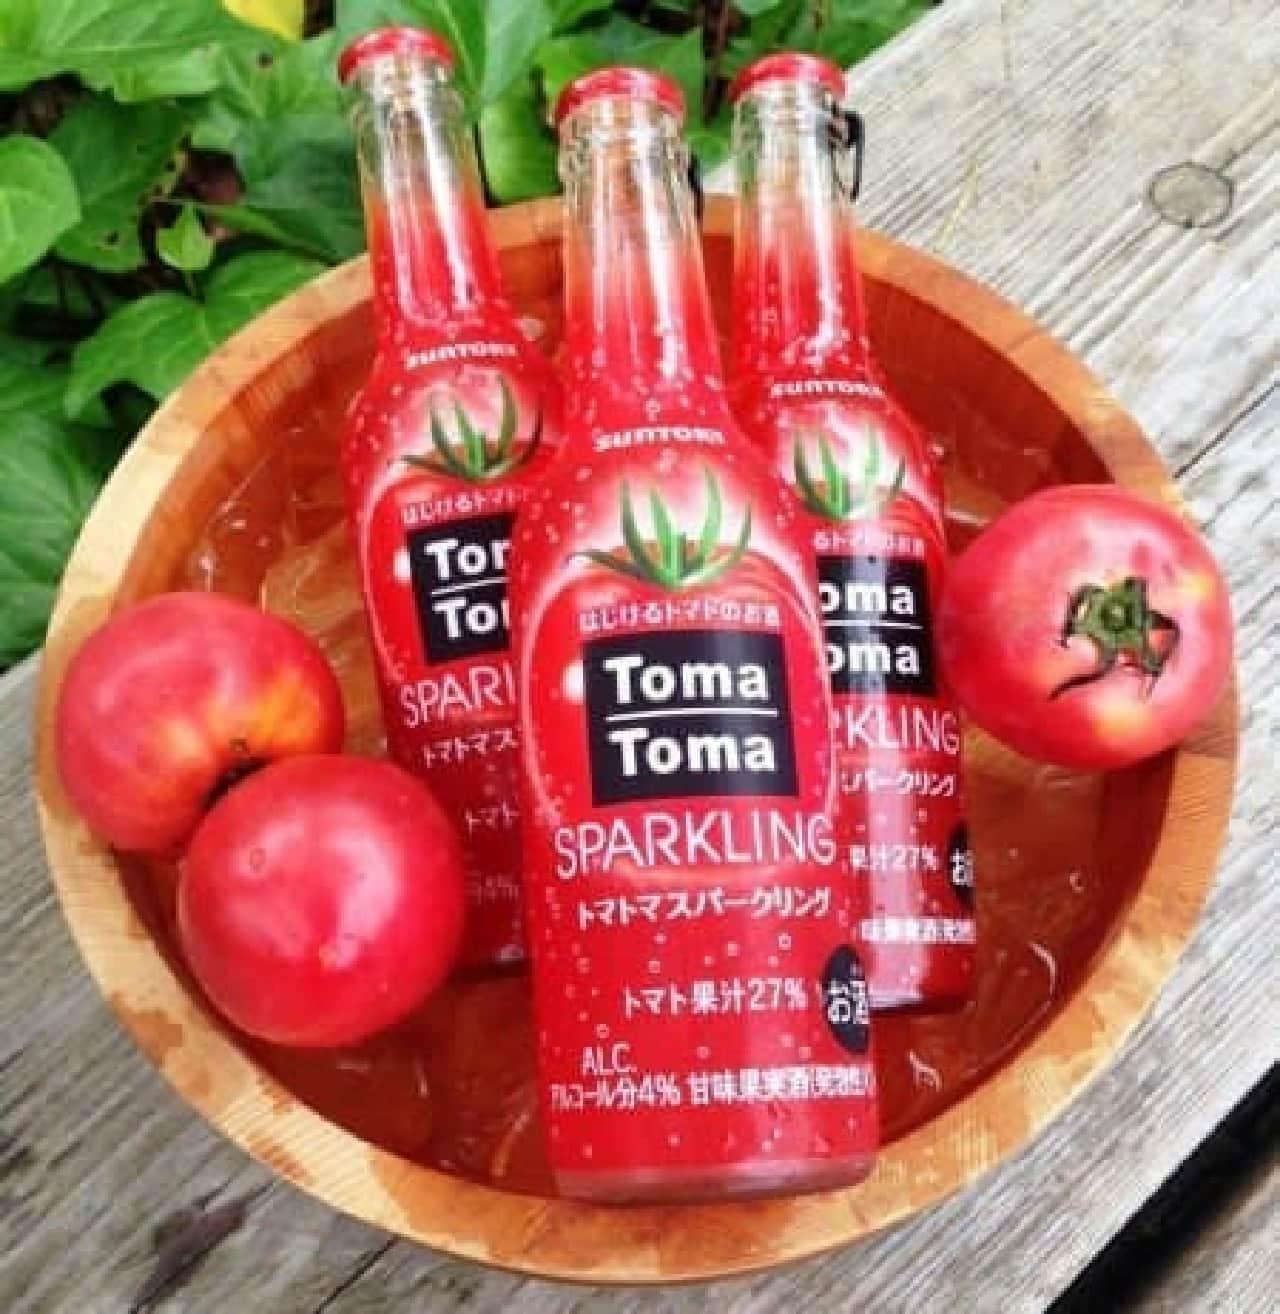 トマトの旨み弾ける!トマトマスパークリング